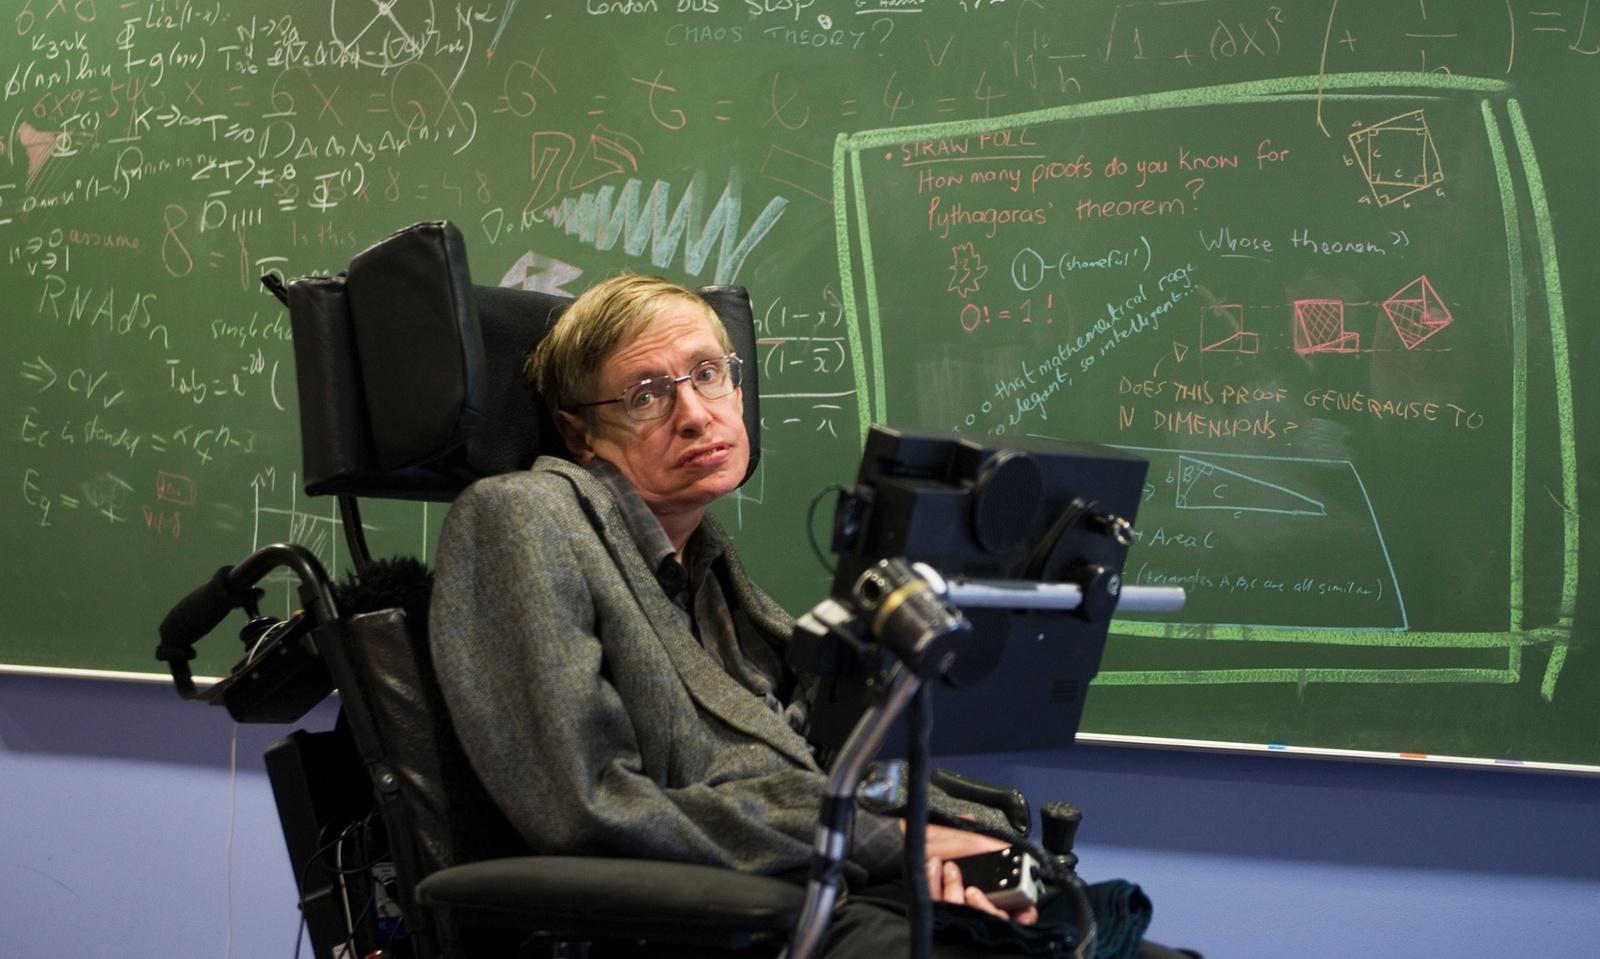 Докторская диссертация Стивена Хокинга выложена в сеть в открытом  Докторская диссертация Стивена Хокинга выложена в сеть в открытом доступе наука Стивен Хокинг диссертация